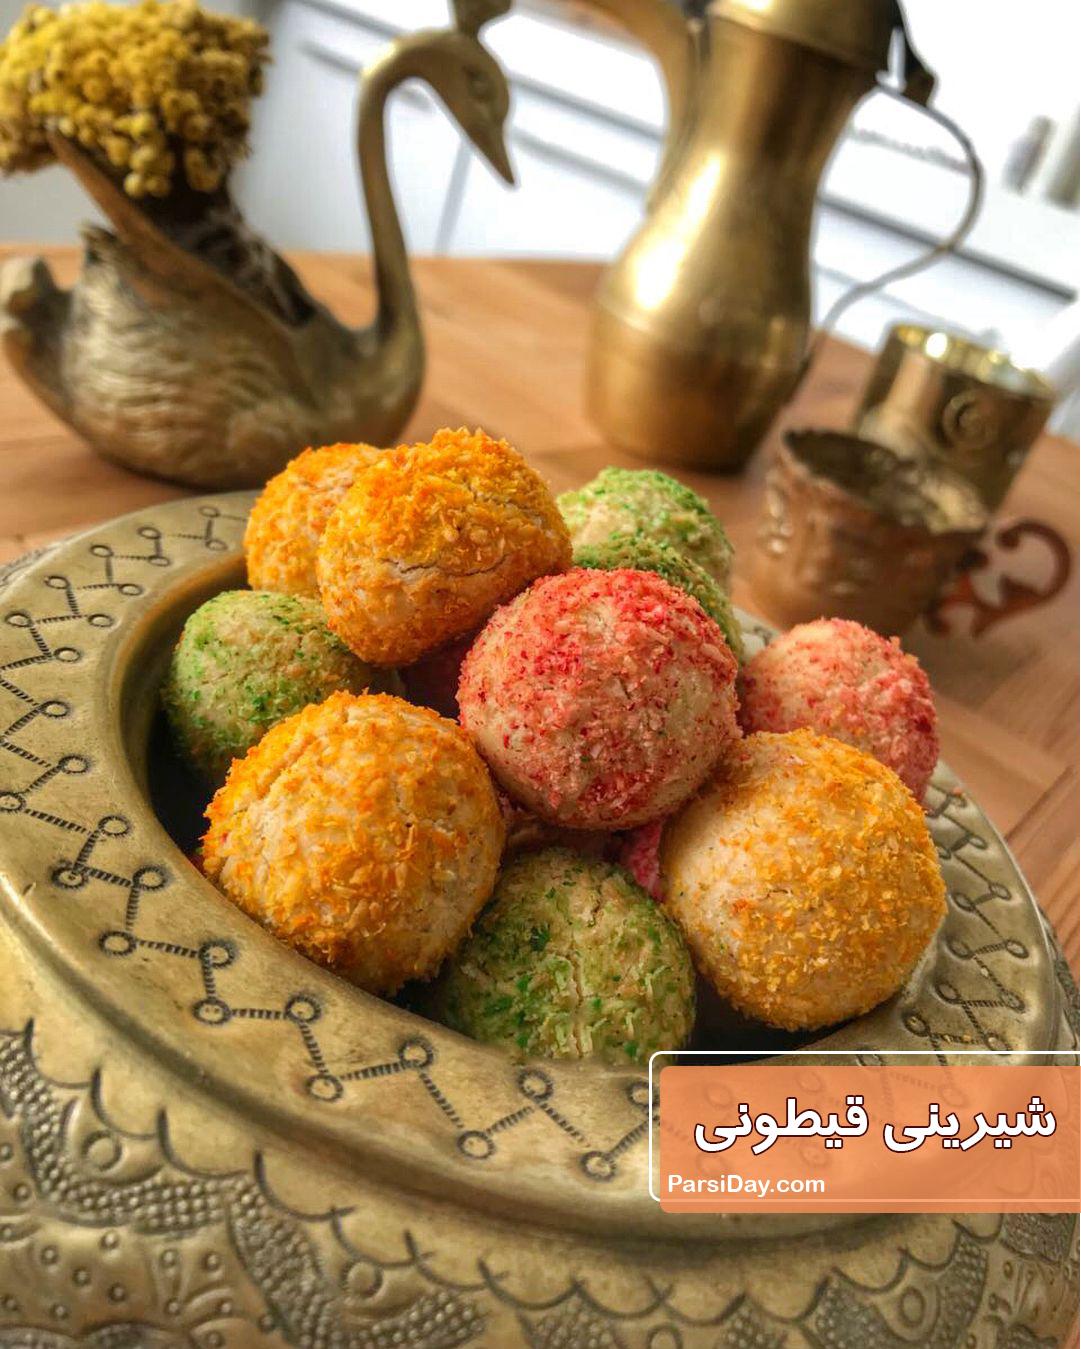 طرز تهیه شیرینی قیطونی خوشمزه و ساده برای عید نوروز